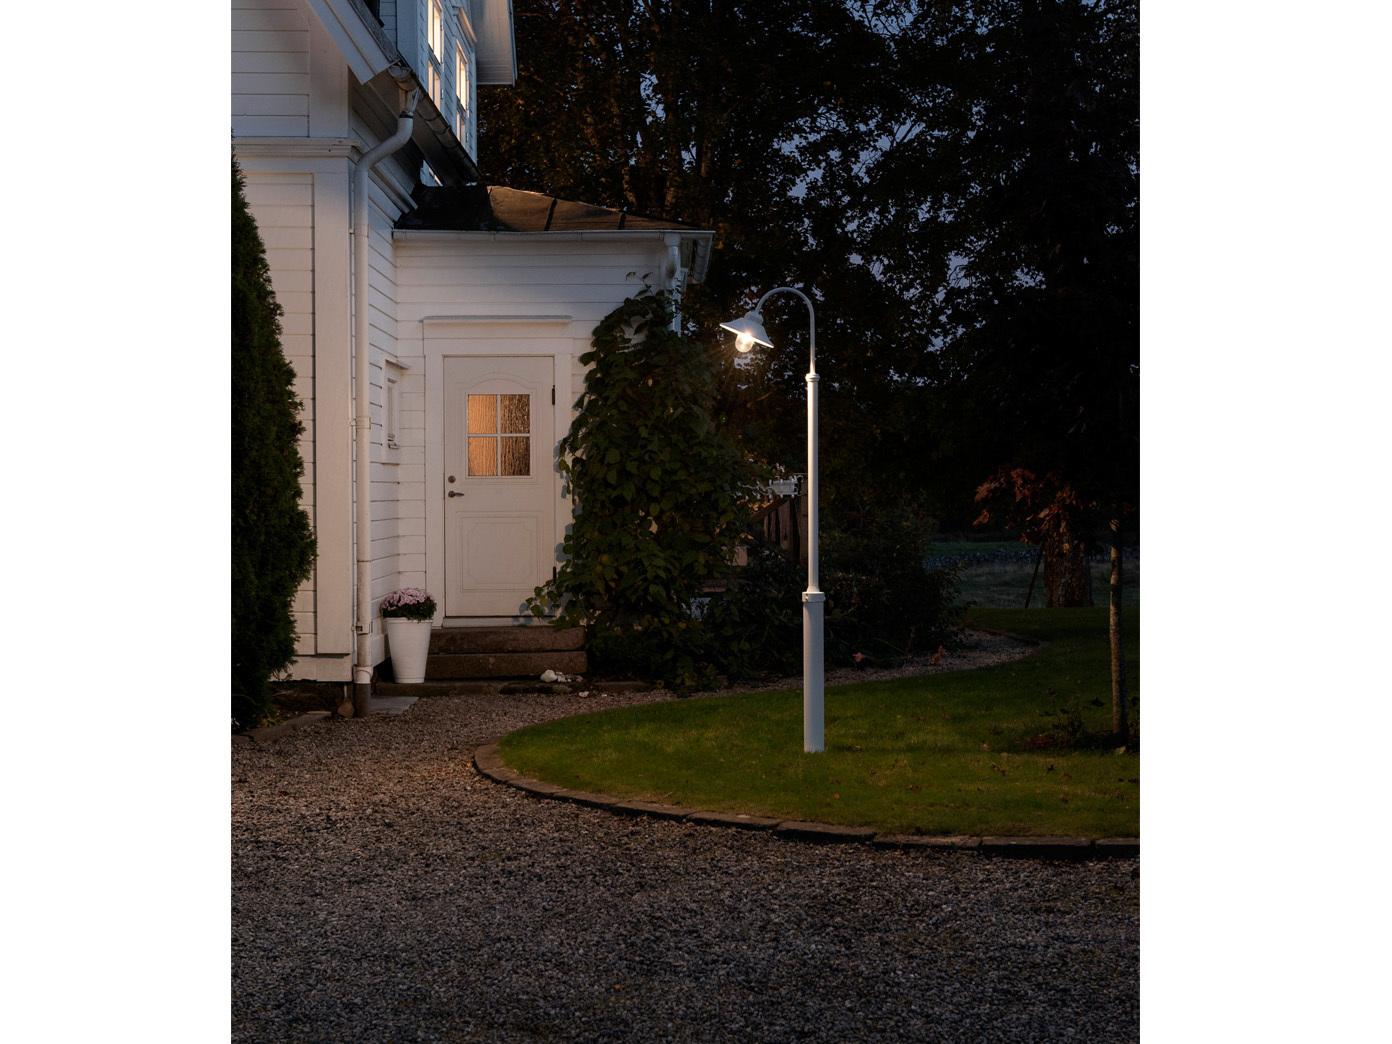 Außenleuchte Standleuchte Straßenlaterne Konstsmide Mastleuchte VEGA weiß